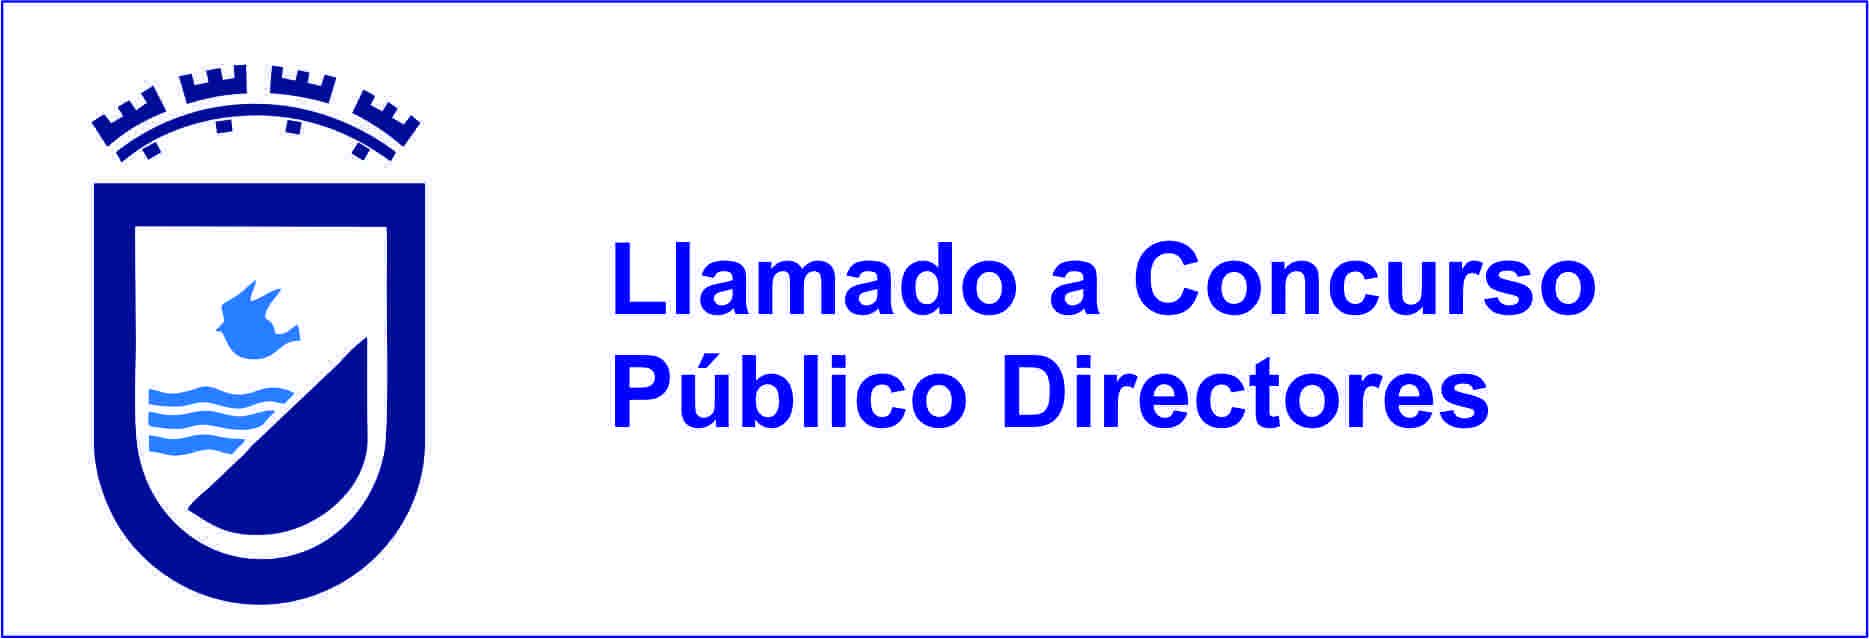 Llamado a Concurso Publico